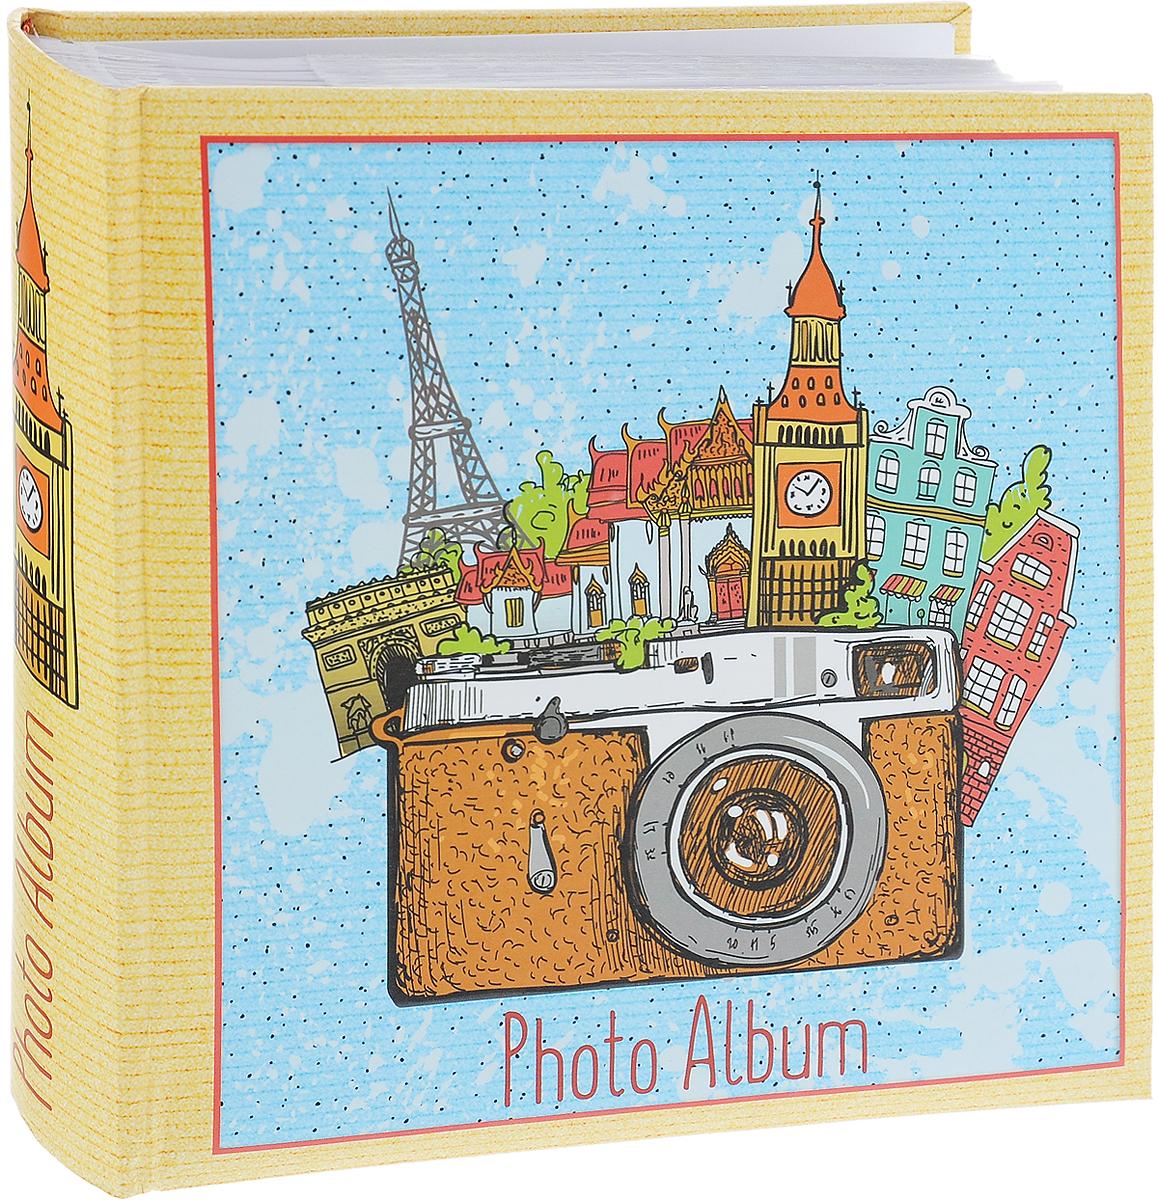 Фотоальбом Magic Home Фототур, цвет: желтый, голубой, коричневый, на 200 фотографий, 10 х 15 см74-0060Фотоальбом Magic Home Фототур поможет красиво оформить ваши самые интересные фотографии. Обложка, выполненная из толстого картона, оформлена красивым изображением. Внутри содержится блок из 50 белых листов с фиксаторами-окошками из полипропилена. Альбом рассчитан на 200 фотографий формата 10 х 15 см (по 2 фотографии на странице). Переплет - книжный. Фотоальбом имеет поля для записей, что позволит подписать фотографии. Нам всегда так приятно вспоминать о самых счастливых моментах жизни, запечатленных на фотографиях. Поэтому фотоальбом является универсальным подарком к любому празднику. Количество листов: 50 шт.Размер фотоальбома: 22 х 22 см.